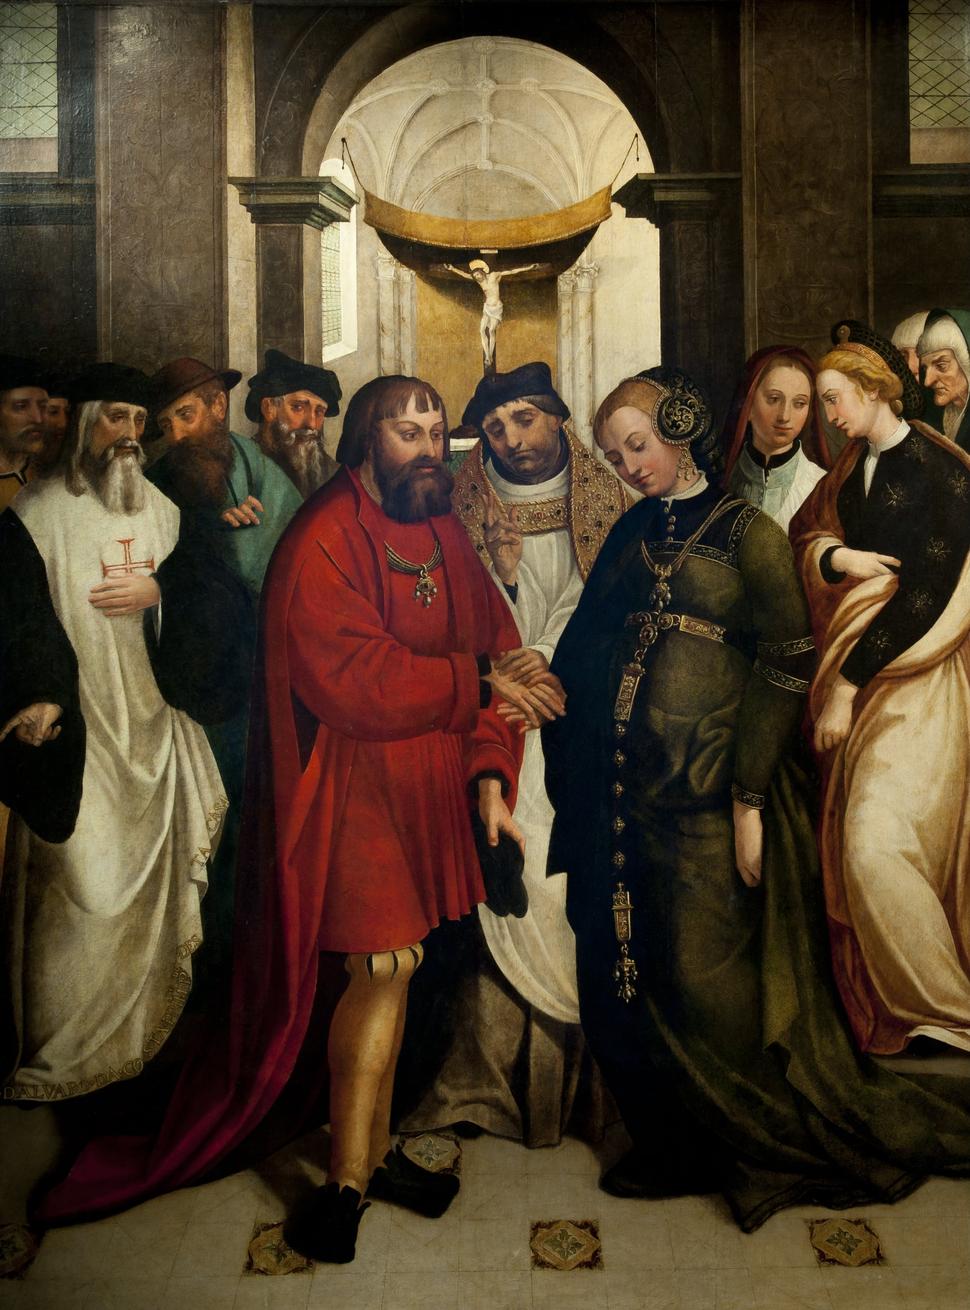 Casamento de Santo Aleixo (1541) - Garcia Fernandes